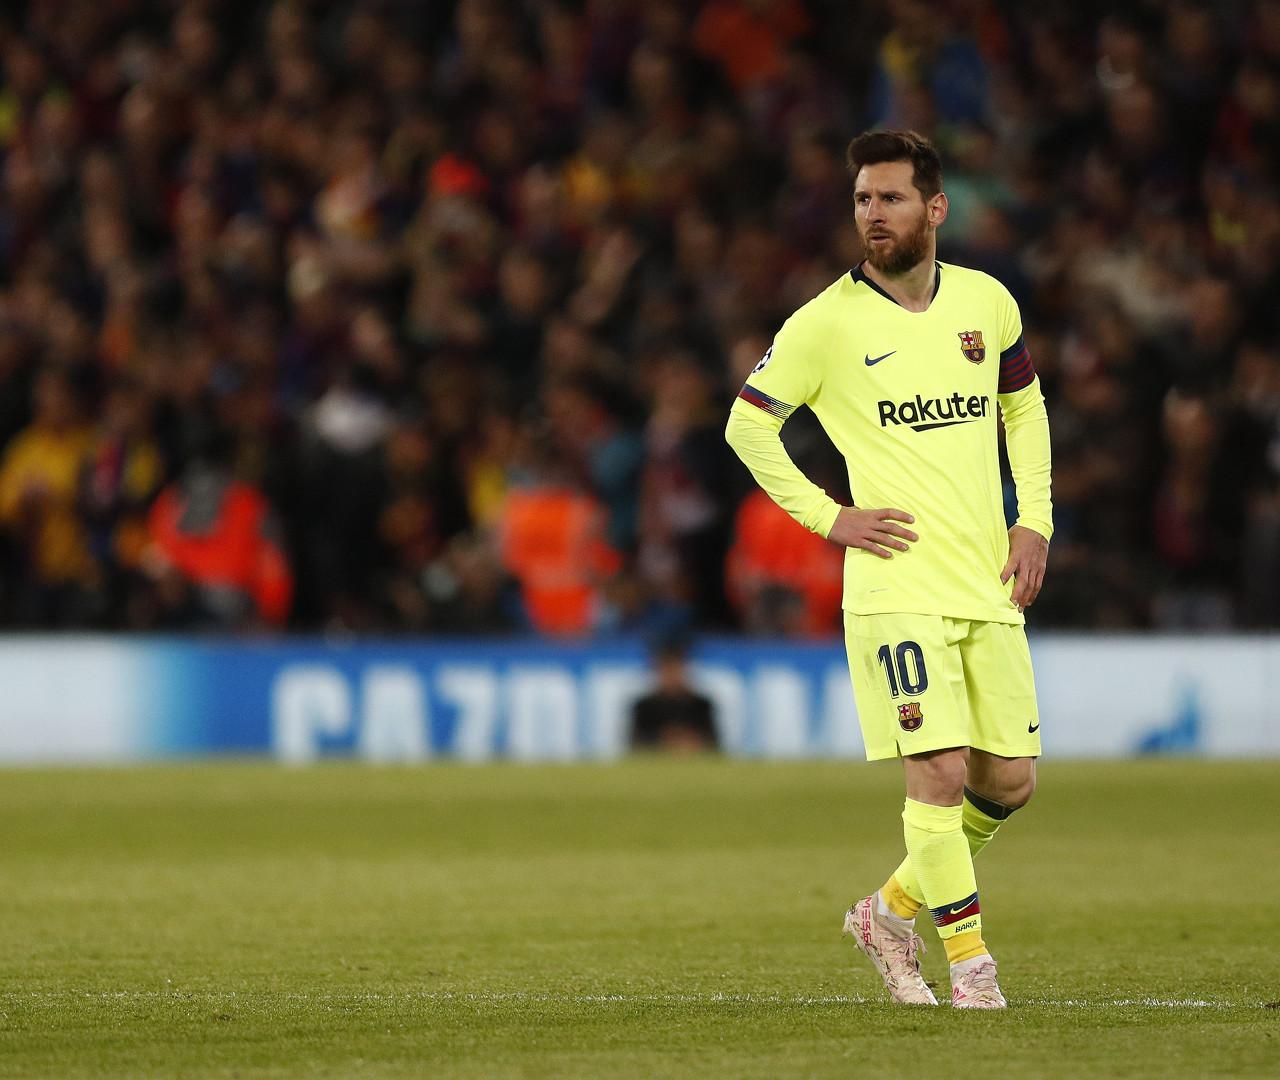 亚博:埃瓦尔先锋-梅西是世界最好球员,周末角逐不但愿他进场